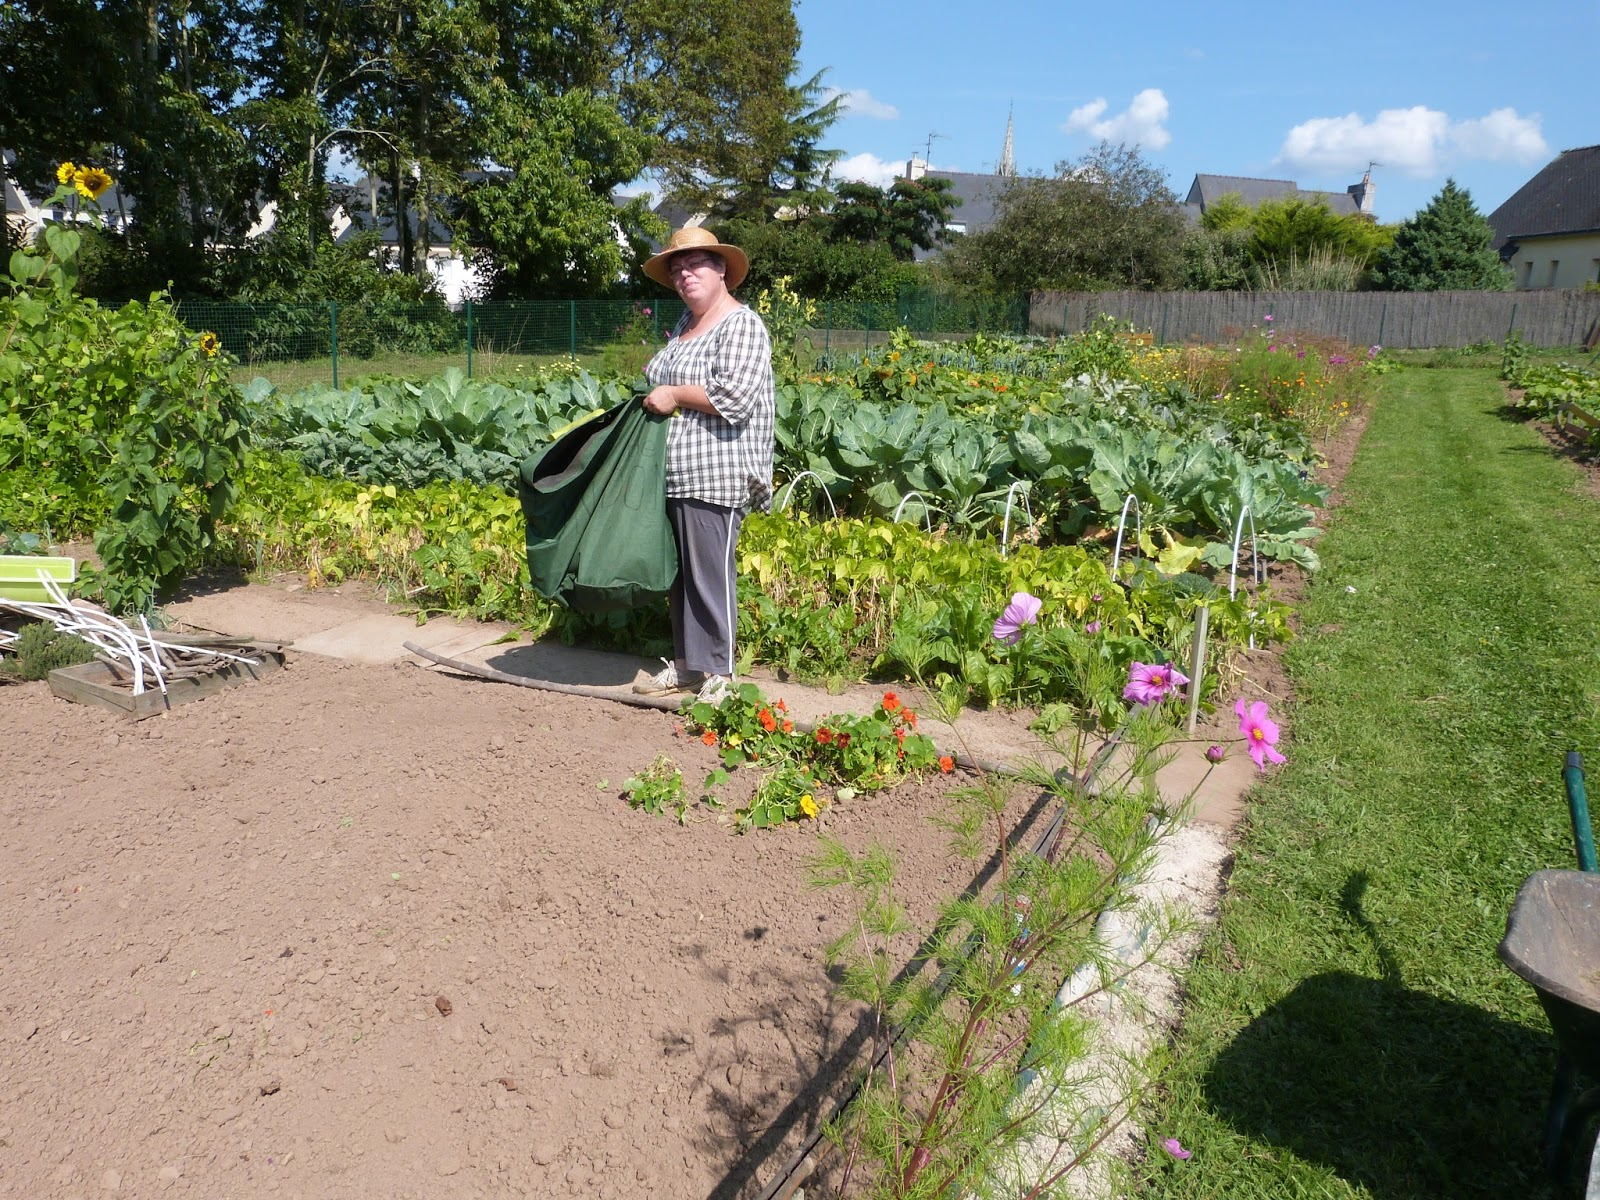 Les jardins familiaux de feunteun don 2015 09 06 for Jardin familiaux